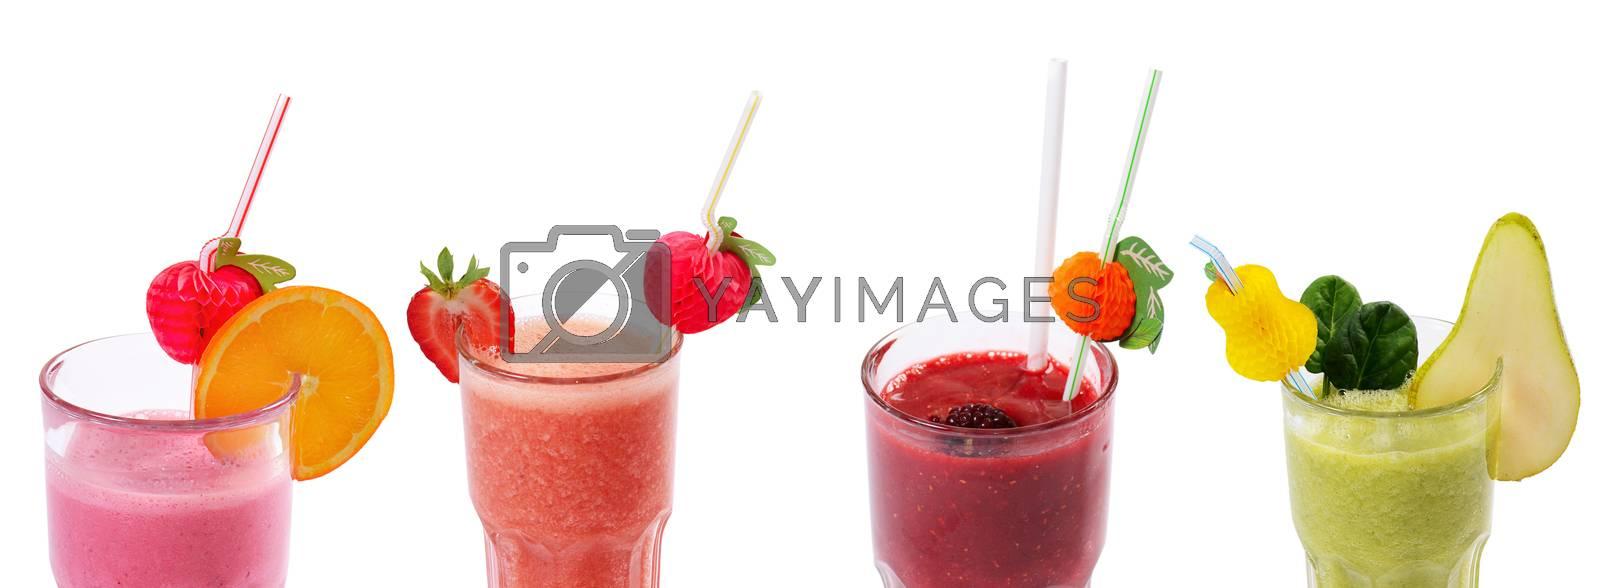 Royalty free image of Freshening strawberry smoothie  isolated on white by SvetaVo